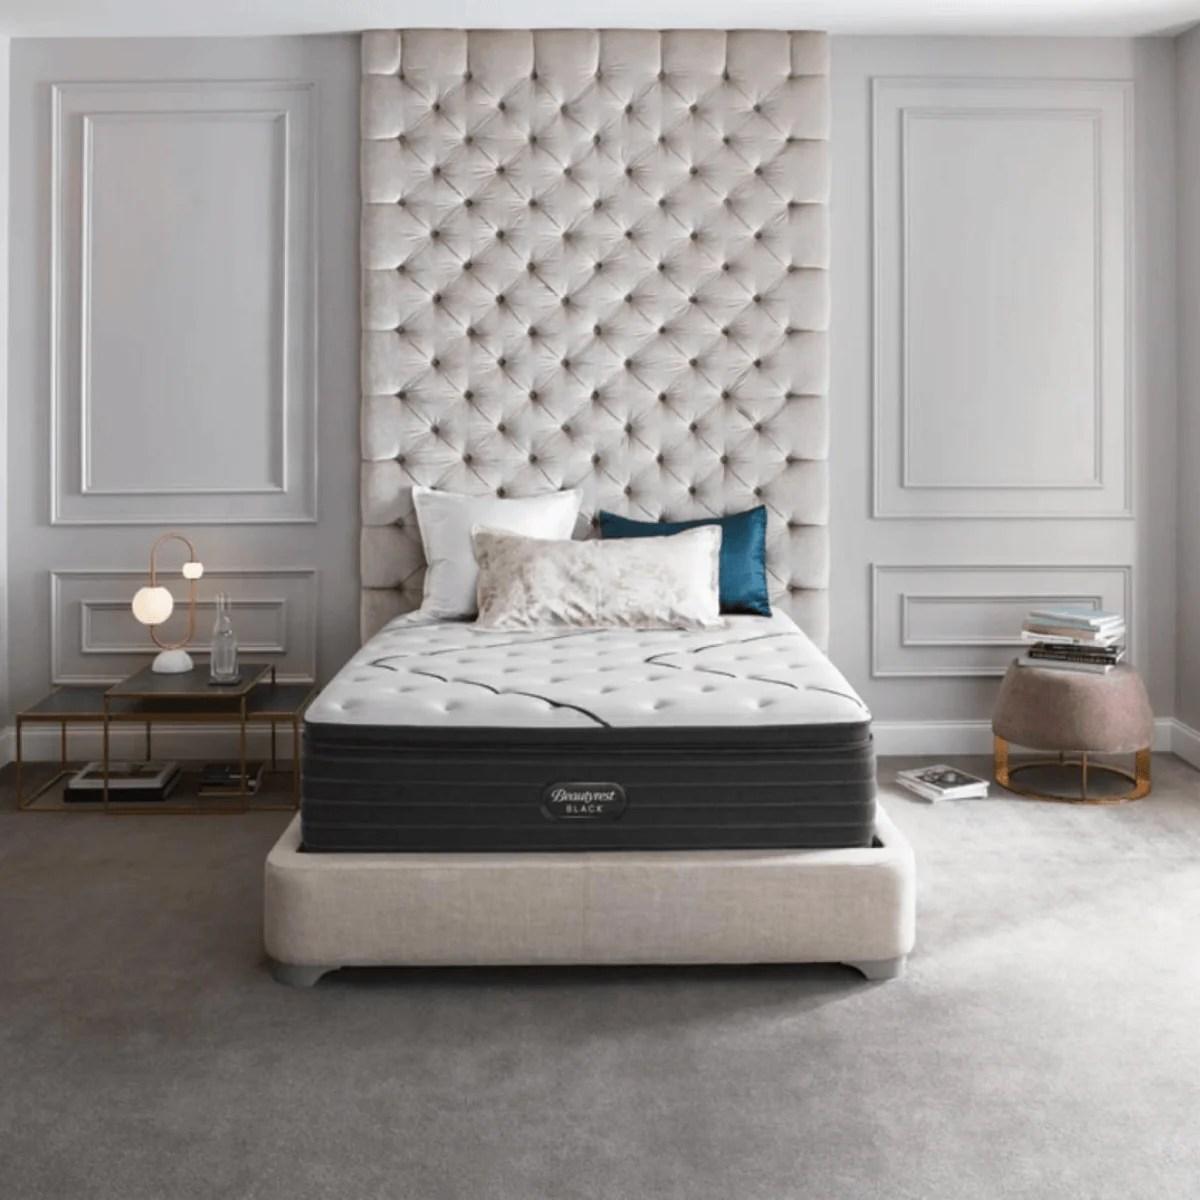 beautyrest black l class medium pillow top mattress